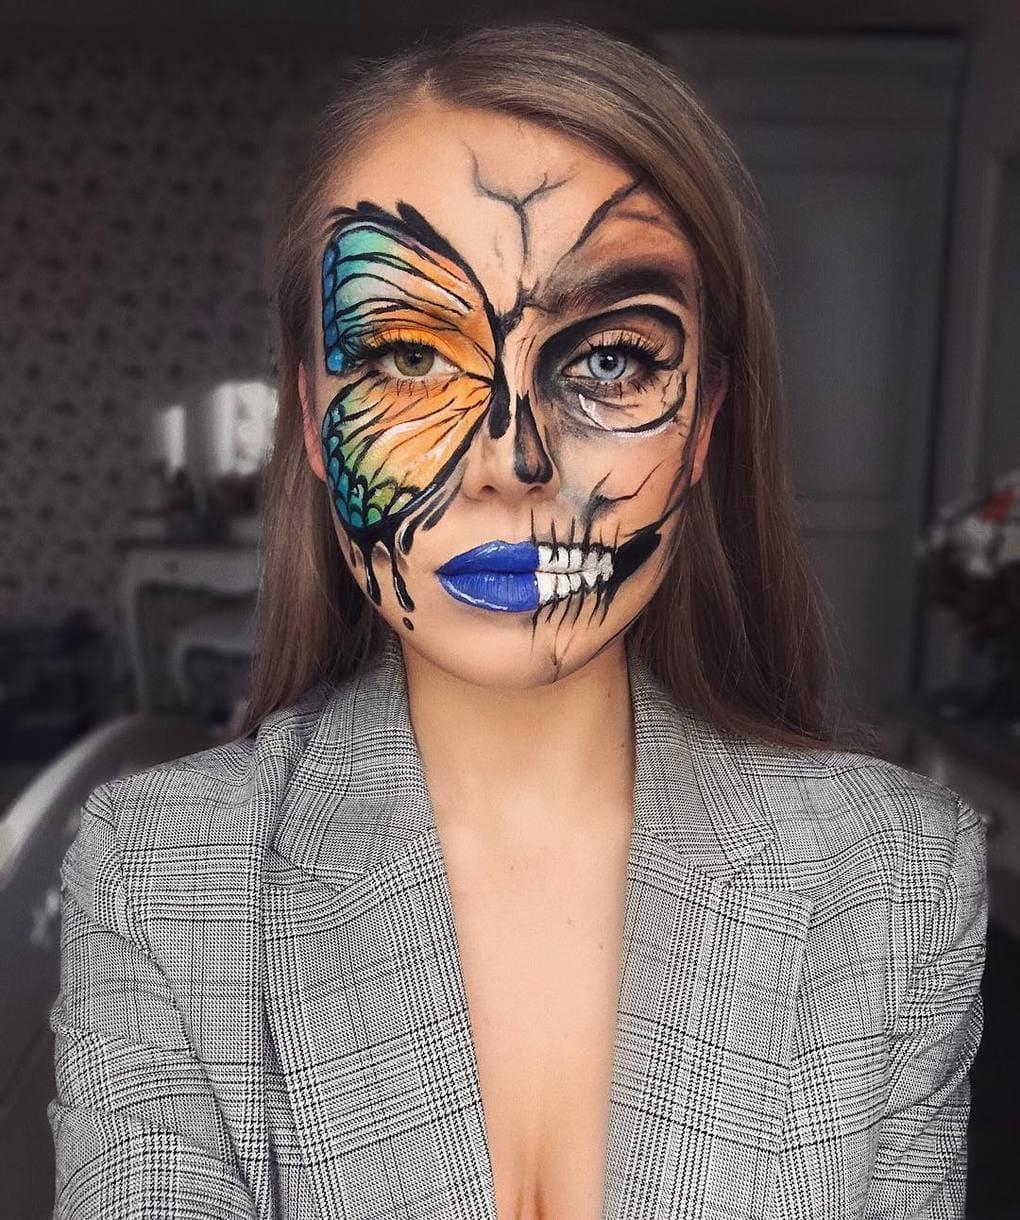 Визажист из Литвы делает макияж, с которым на Хэллоуине любая будет звездой вечеринки 4